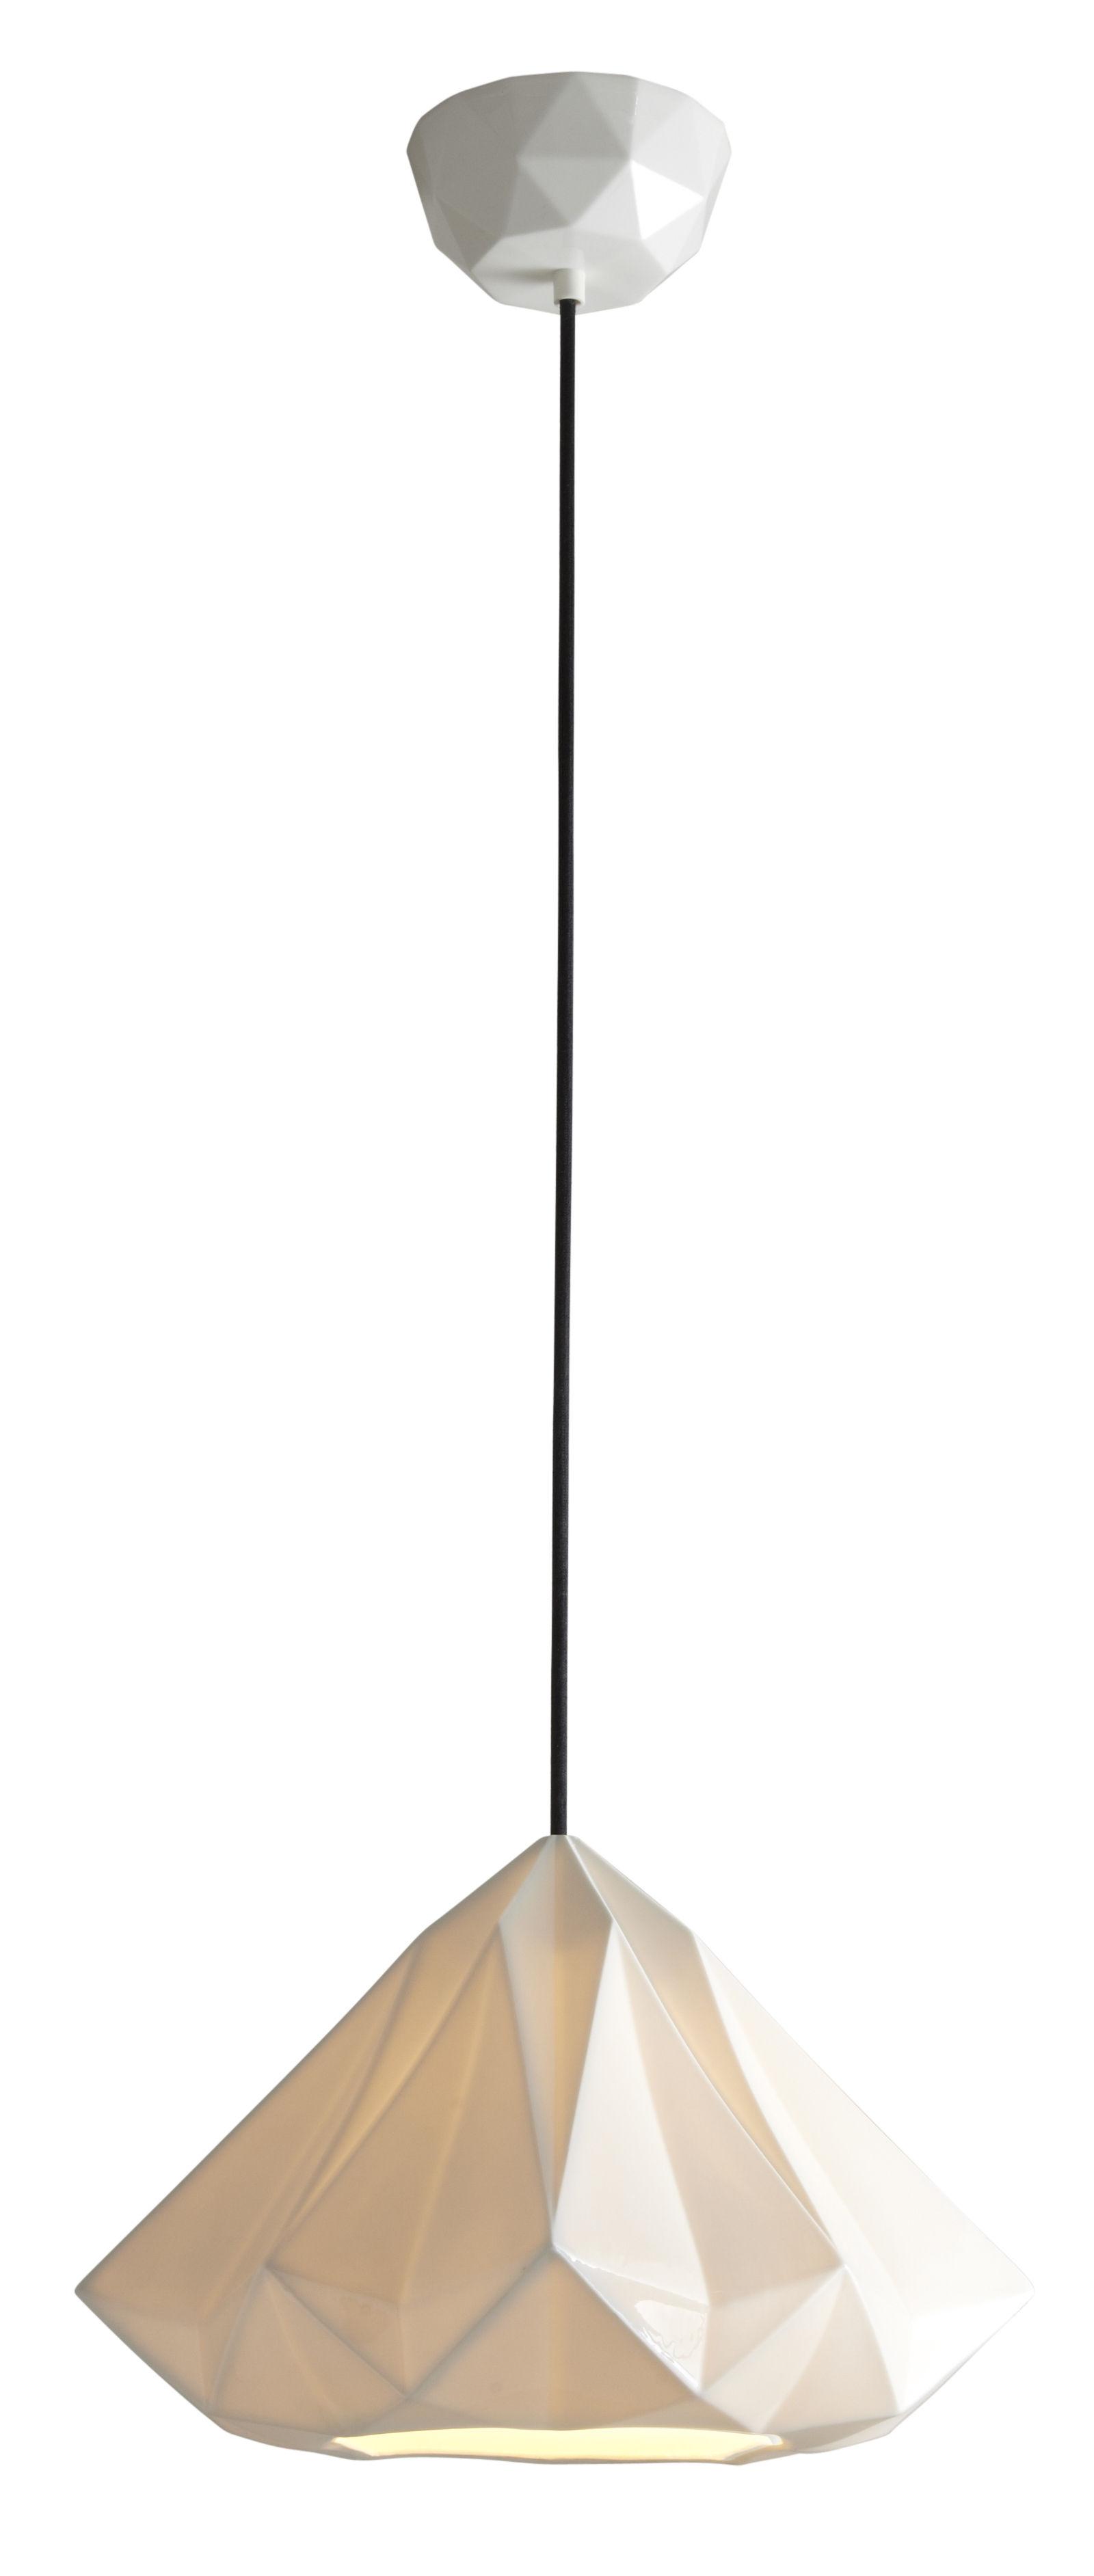 Luminaire - Suspensions - Suspension Hatton 2 / Ø 35 x H 23 cm - Porcelaine - Original BTC - Porcelaine blanche - Porcelaine